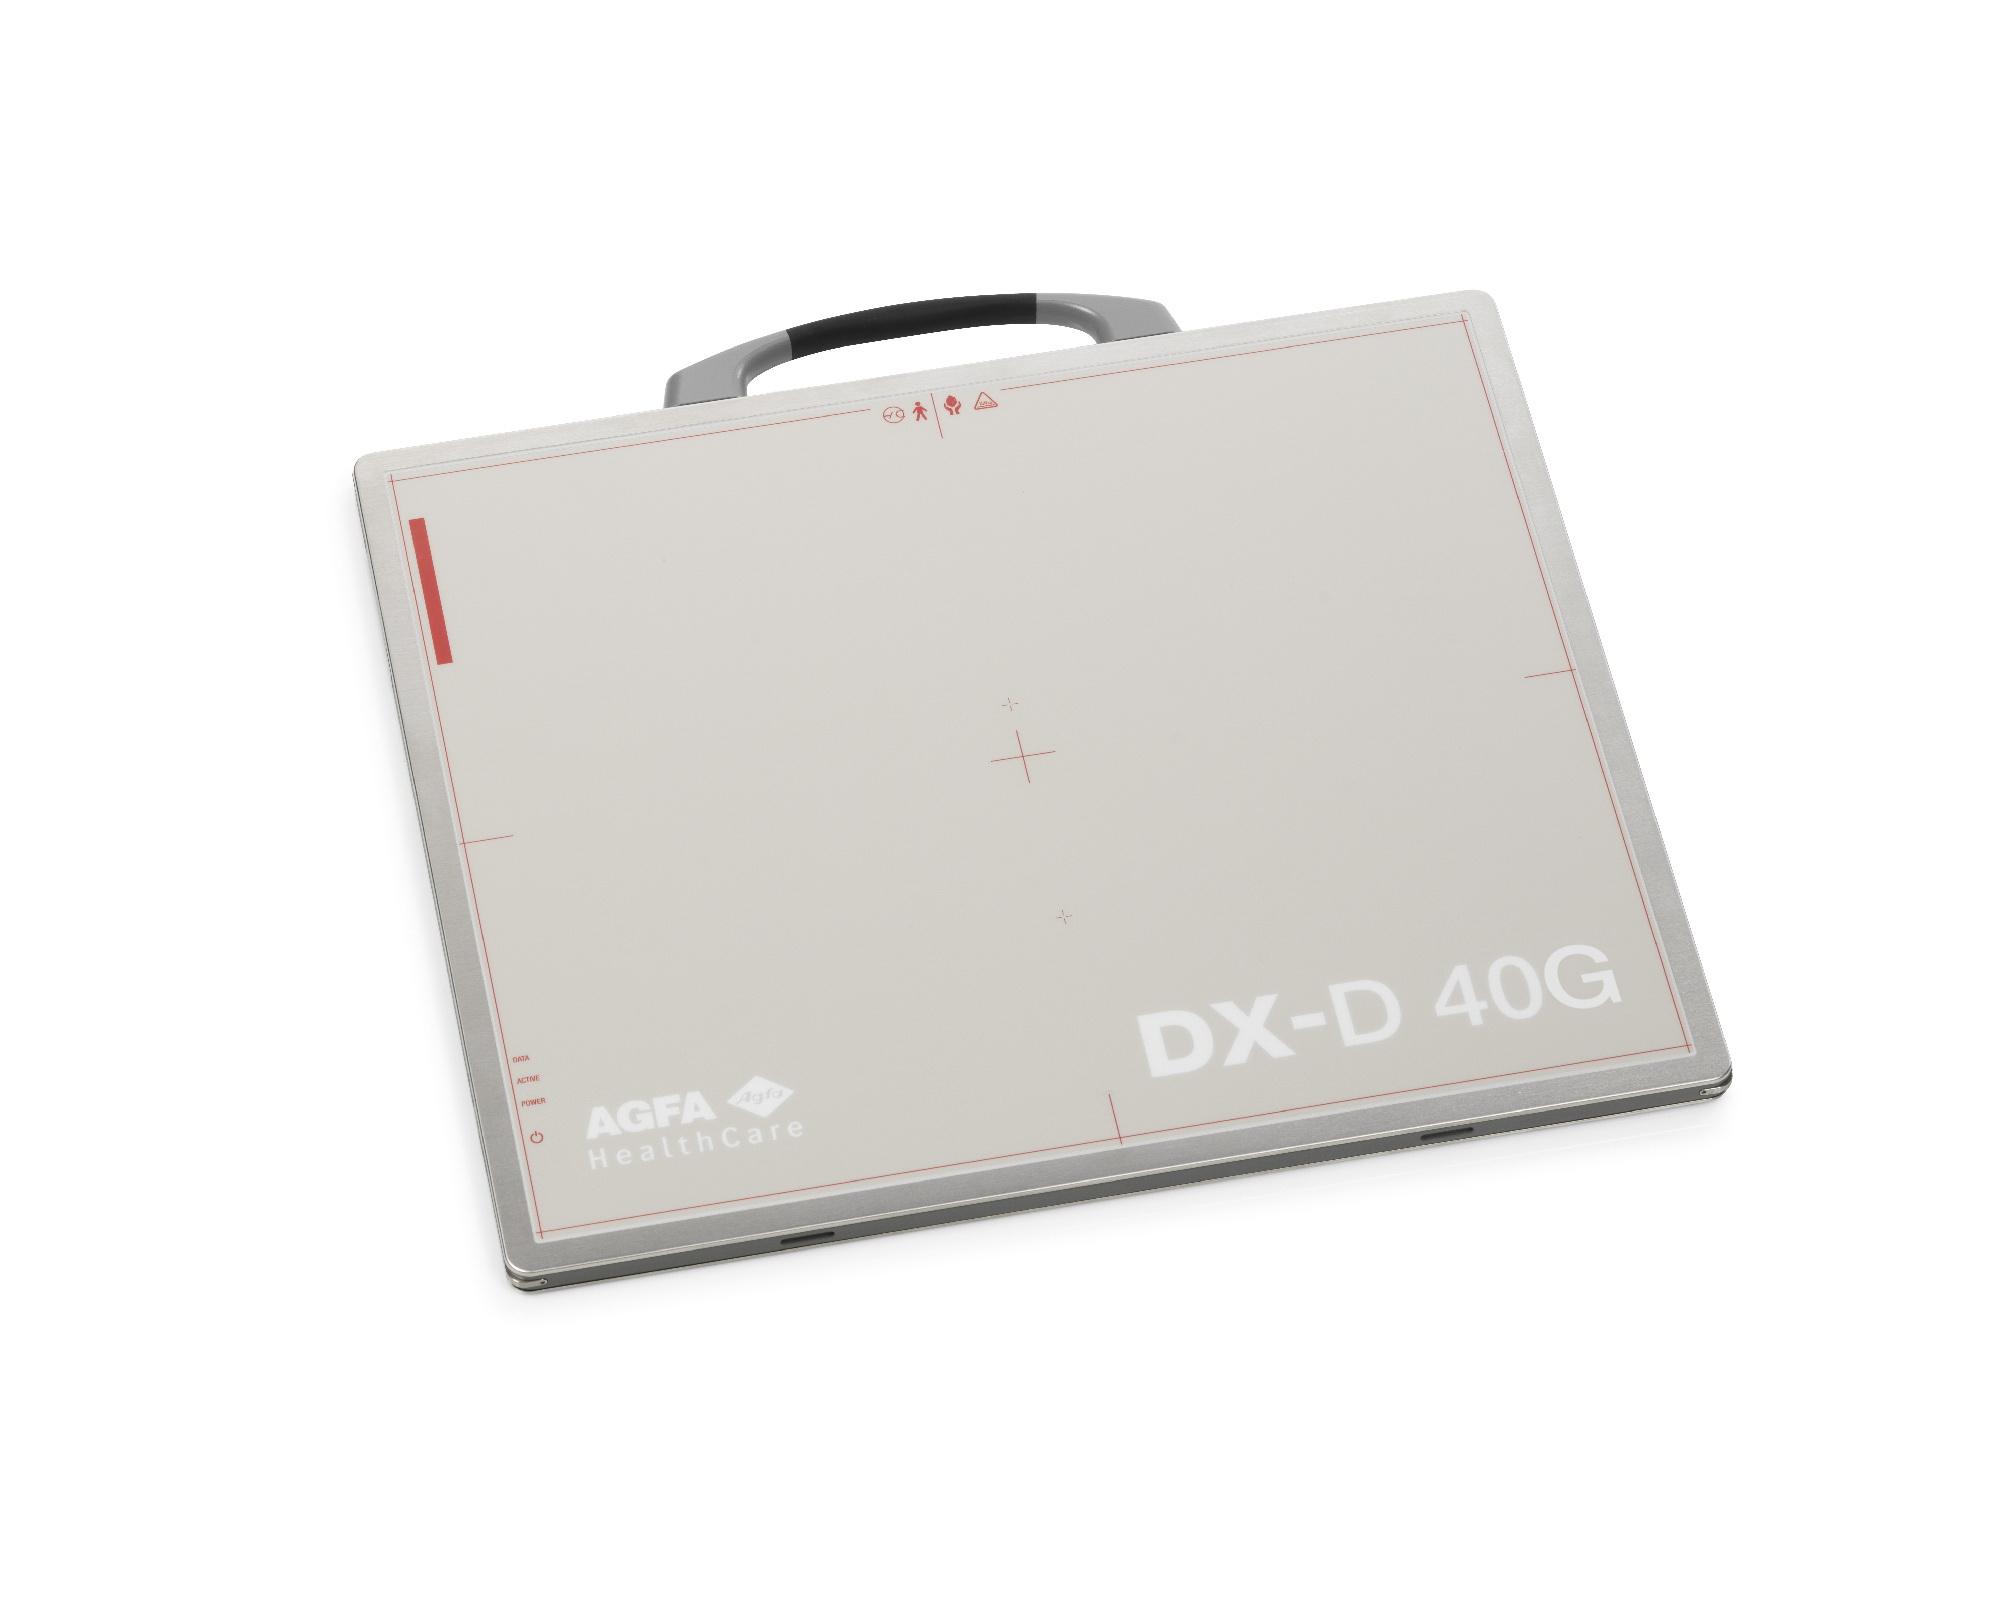 DX-D 40C40G_1250767